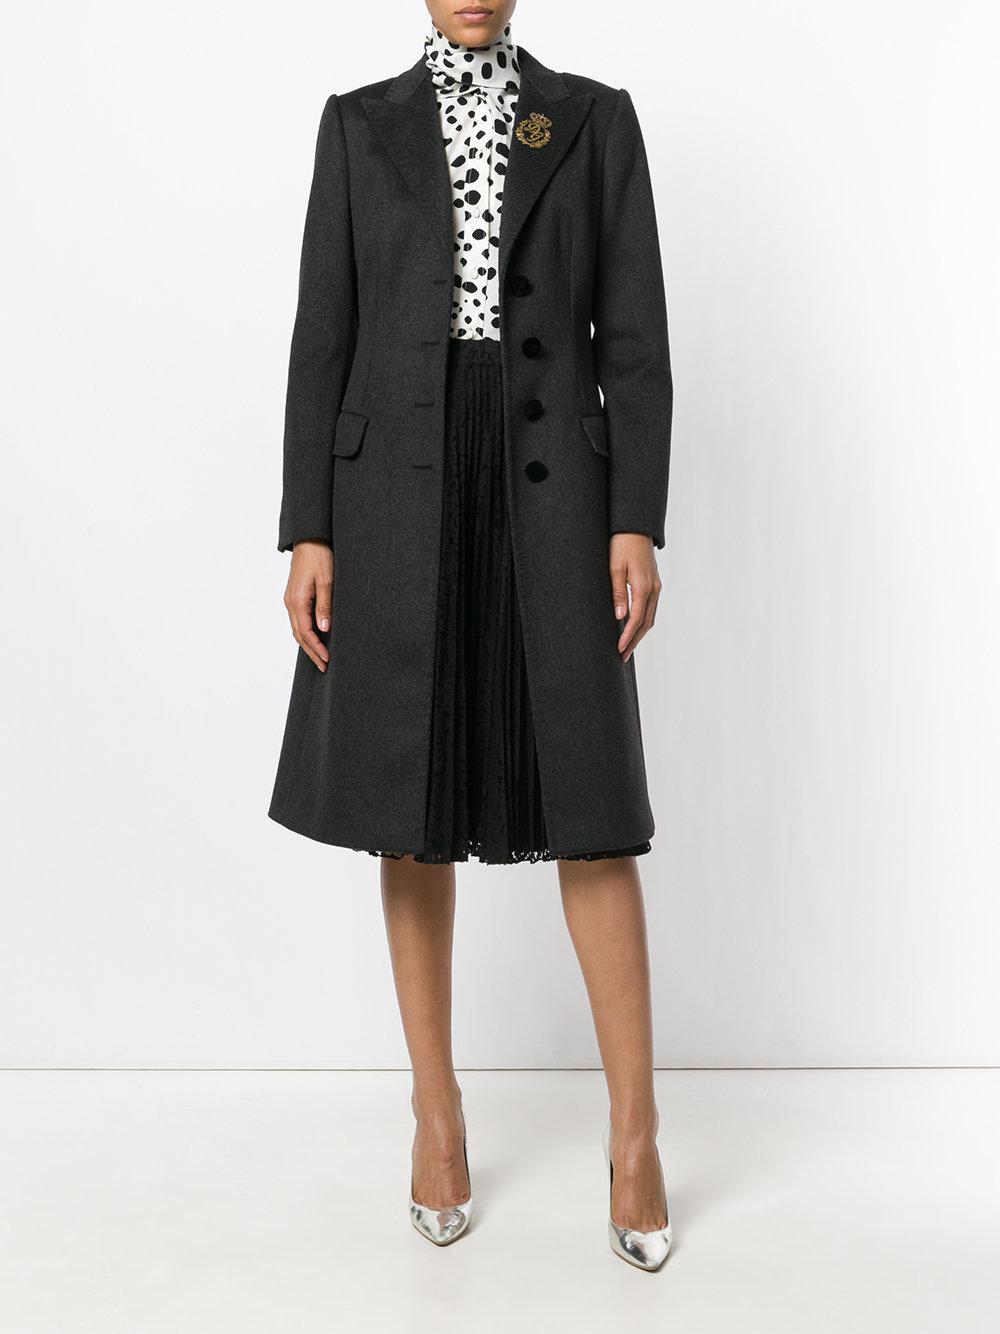 Manteau cintré Soie Dolce & Gabbana en coloris Gris 6Q4aS